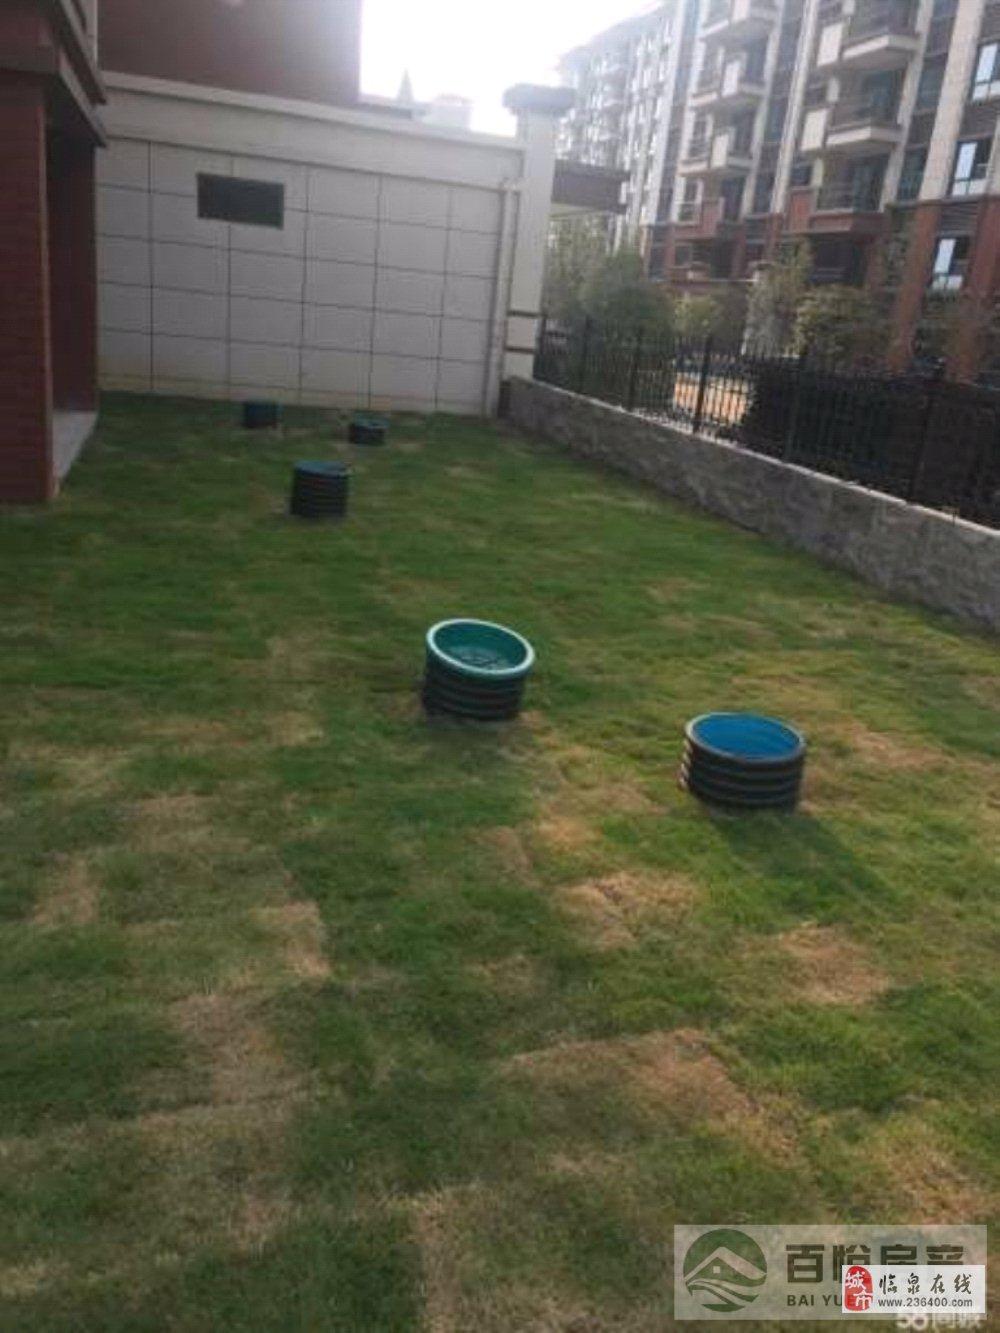 出售:临泉·碧桂园一楼带前后院看房方便